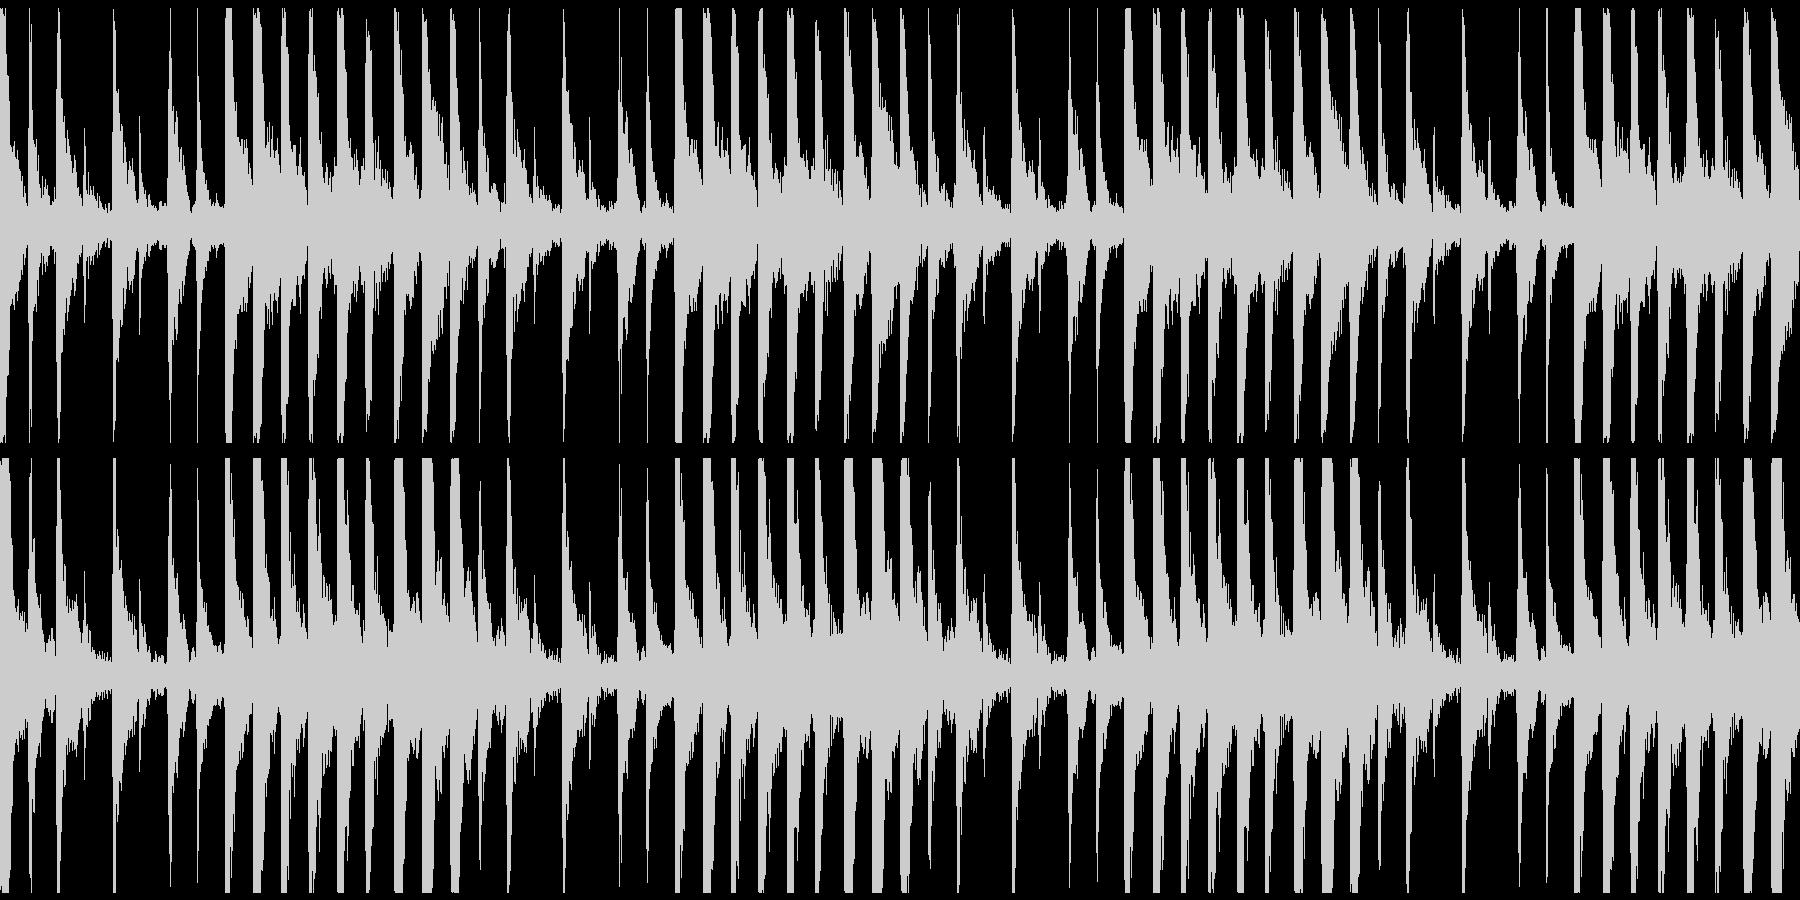 いたずら子供、ピチカート、サウンドロゴLの未再生の波形